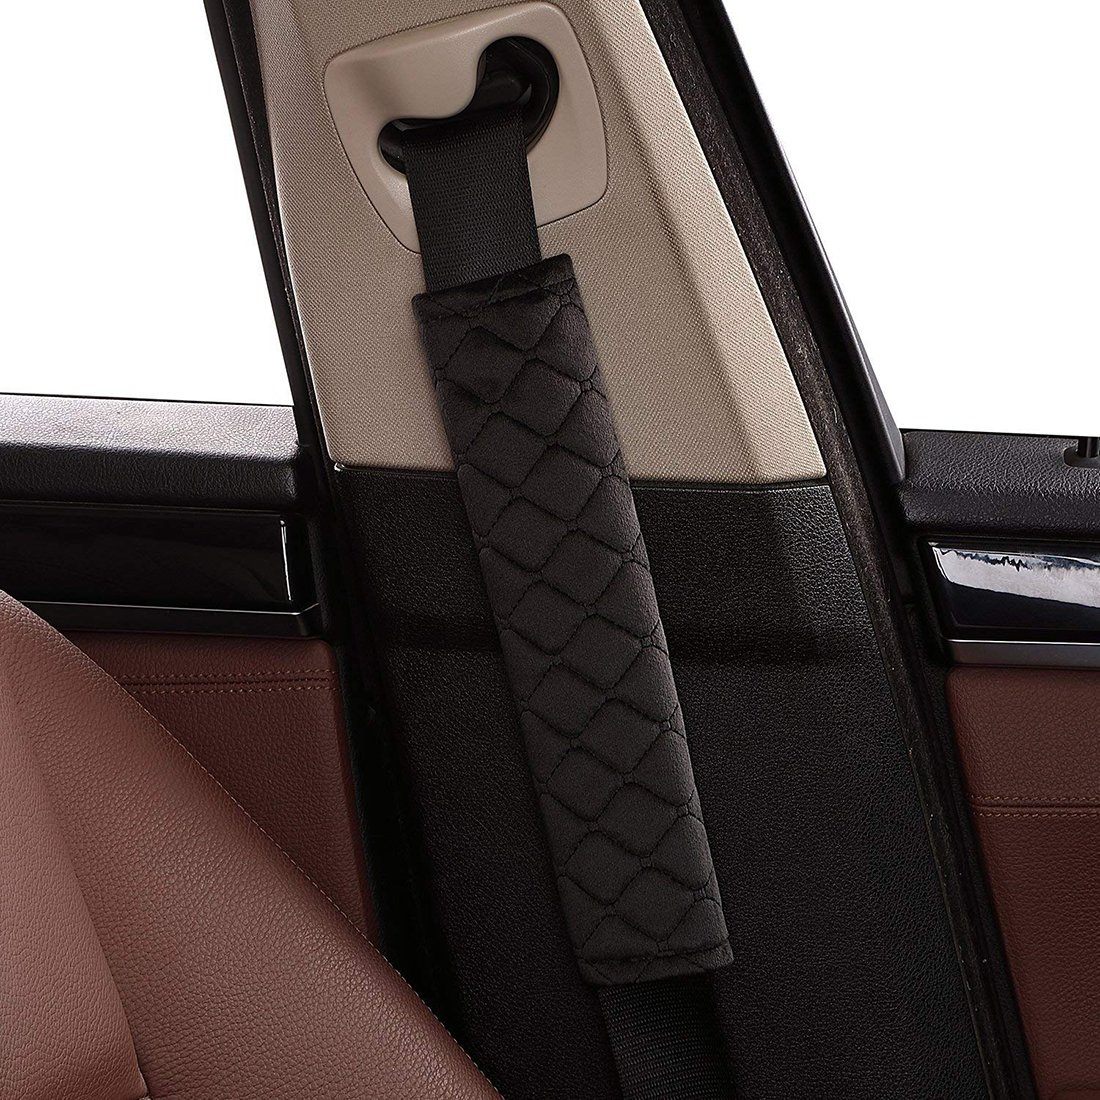 Beige Bluehare Gurtpolster im Zweierpack,Gurtpolster Auto Sicherheitsgurt B/ügel Gurtschutz,Komfort Gurtpolster Schulterpolster Polsterung f/ür Sitzgurt im Auto f/ür mehr Komfort auf der Reise